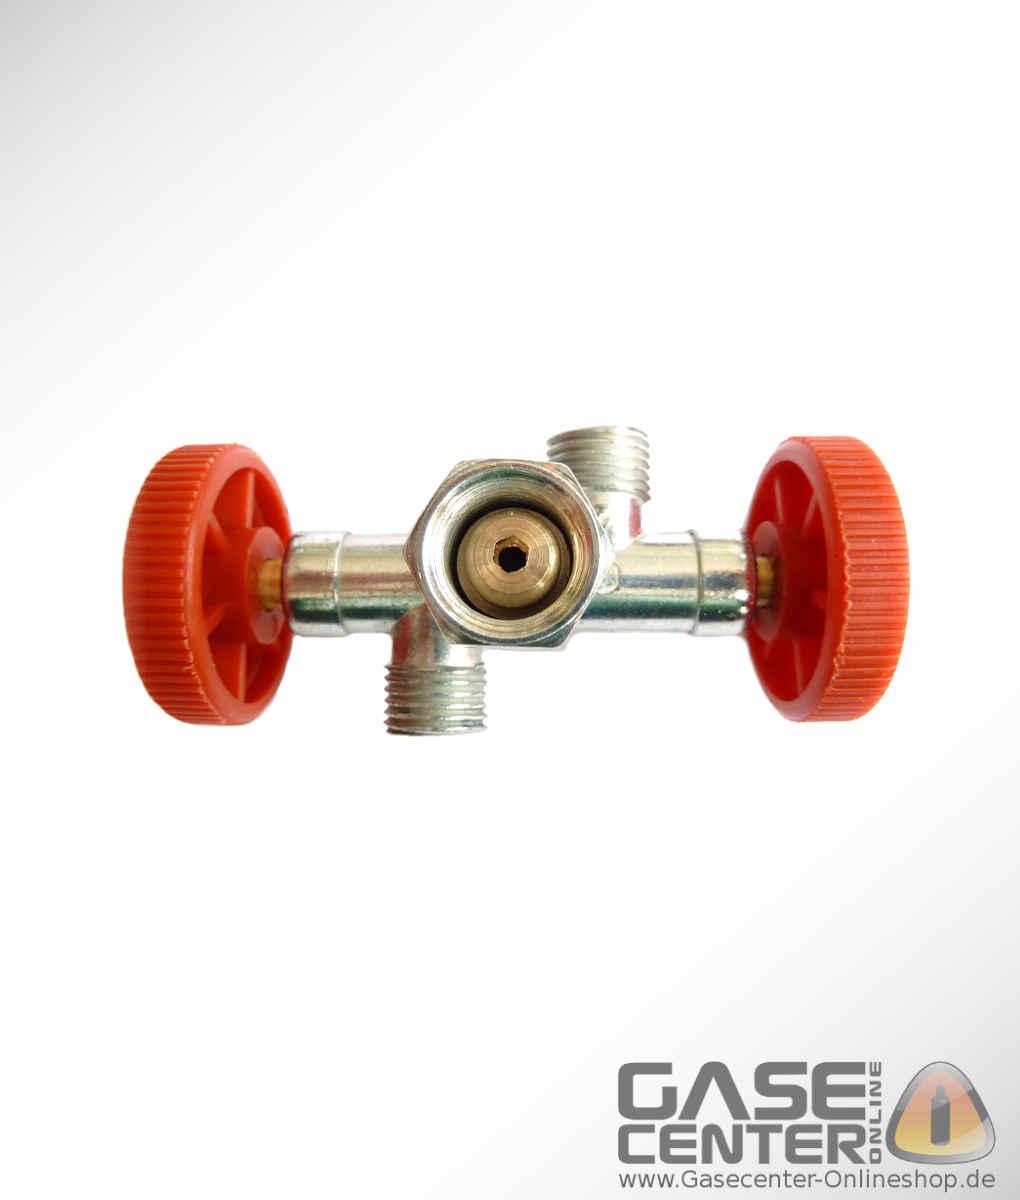 Doppelabzweigventil Gasverteiler Zweiwegeventil Propan